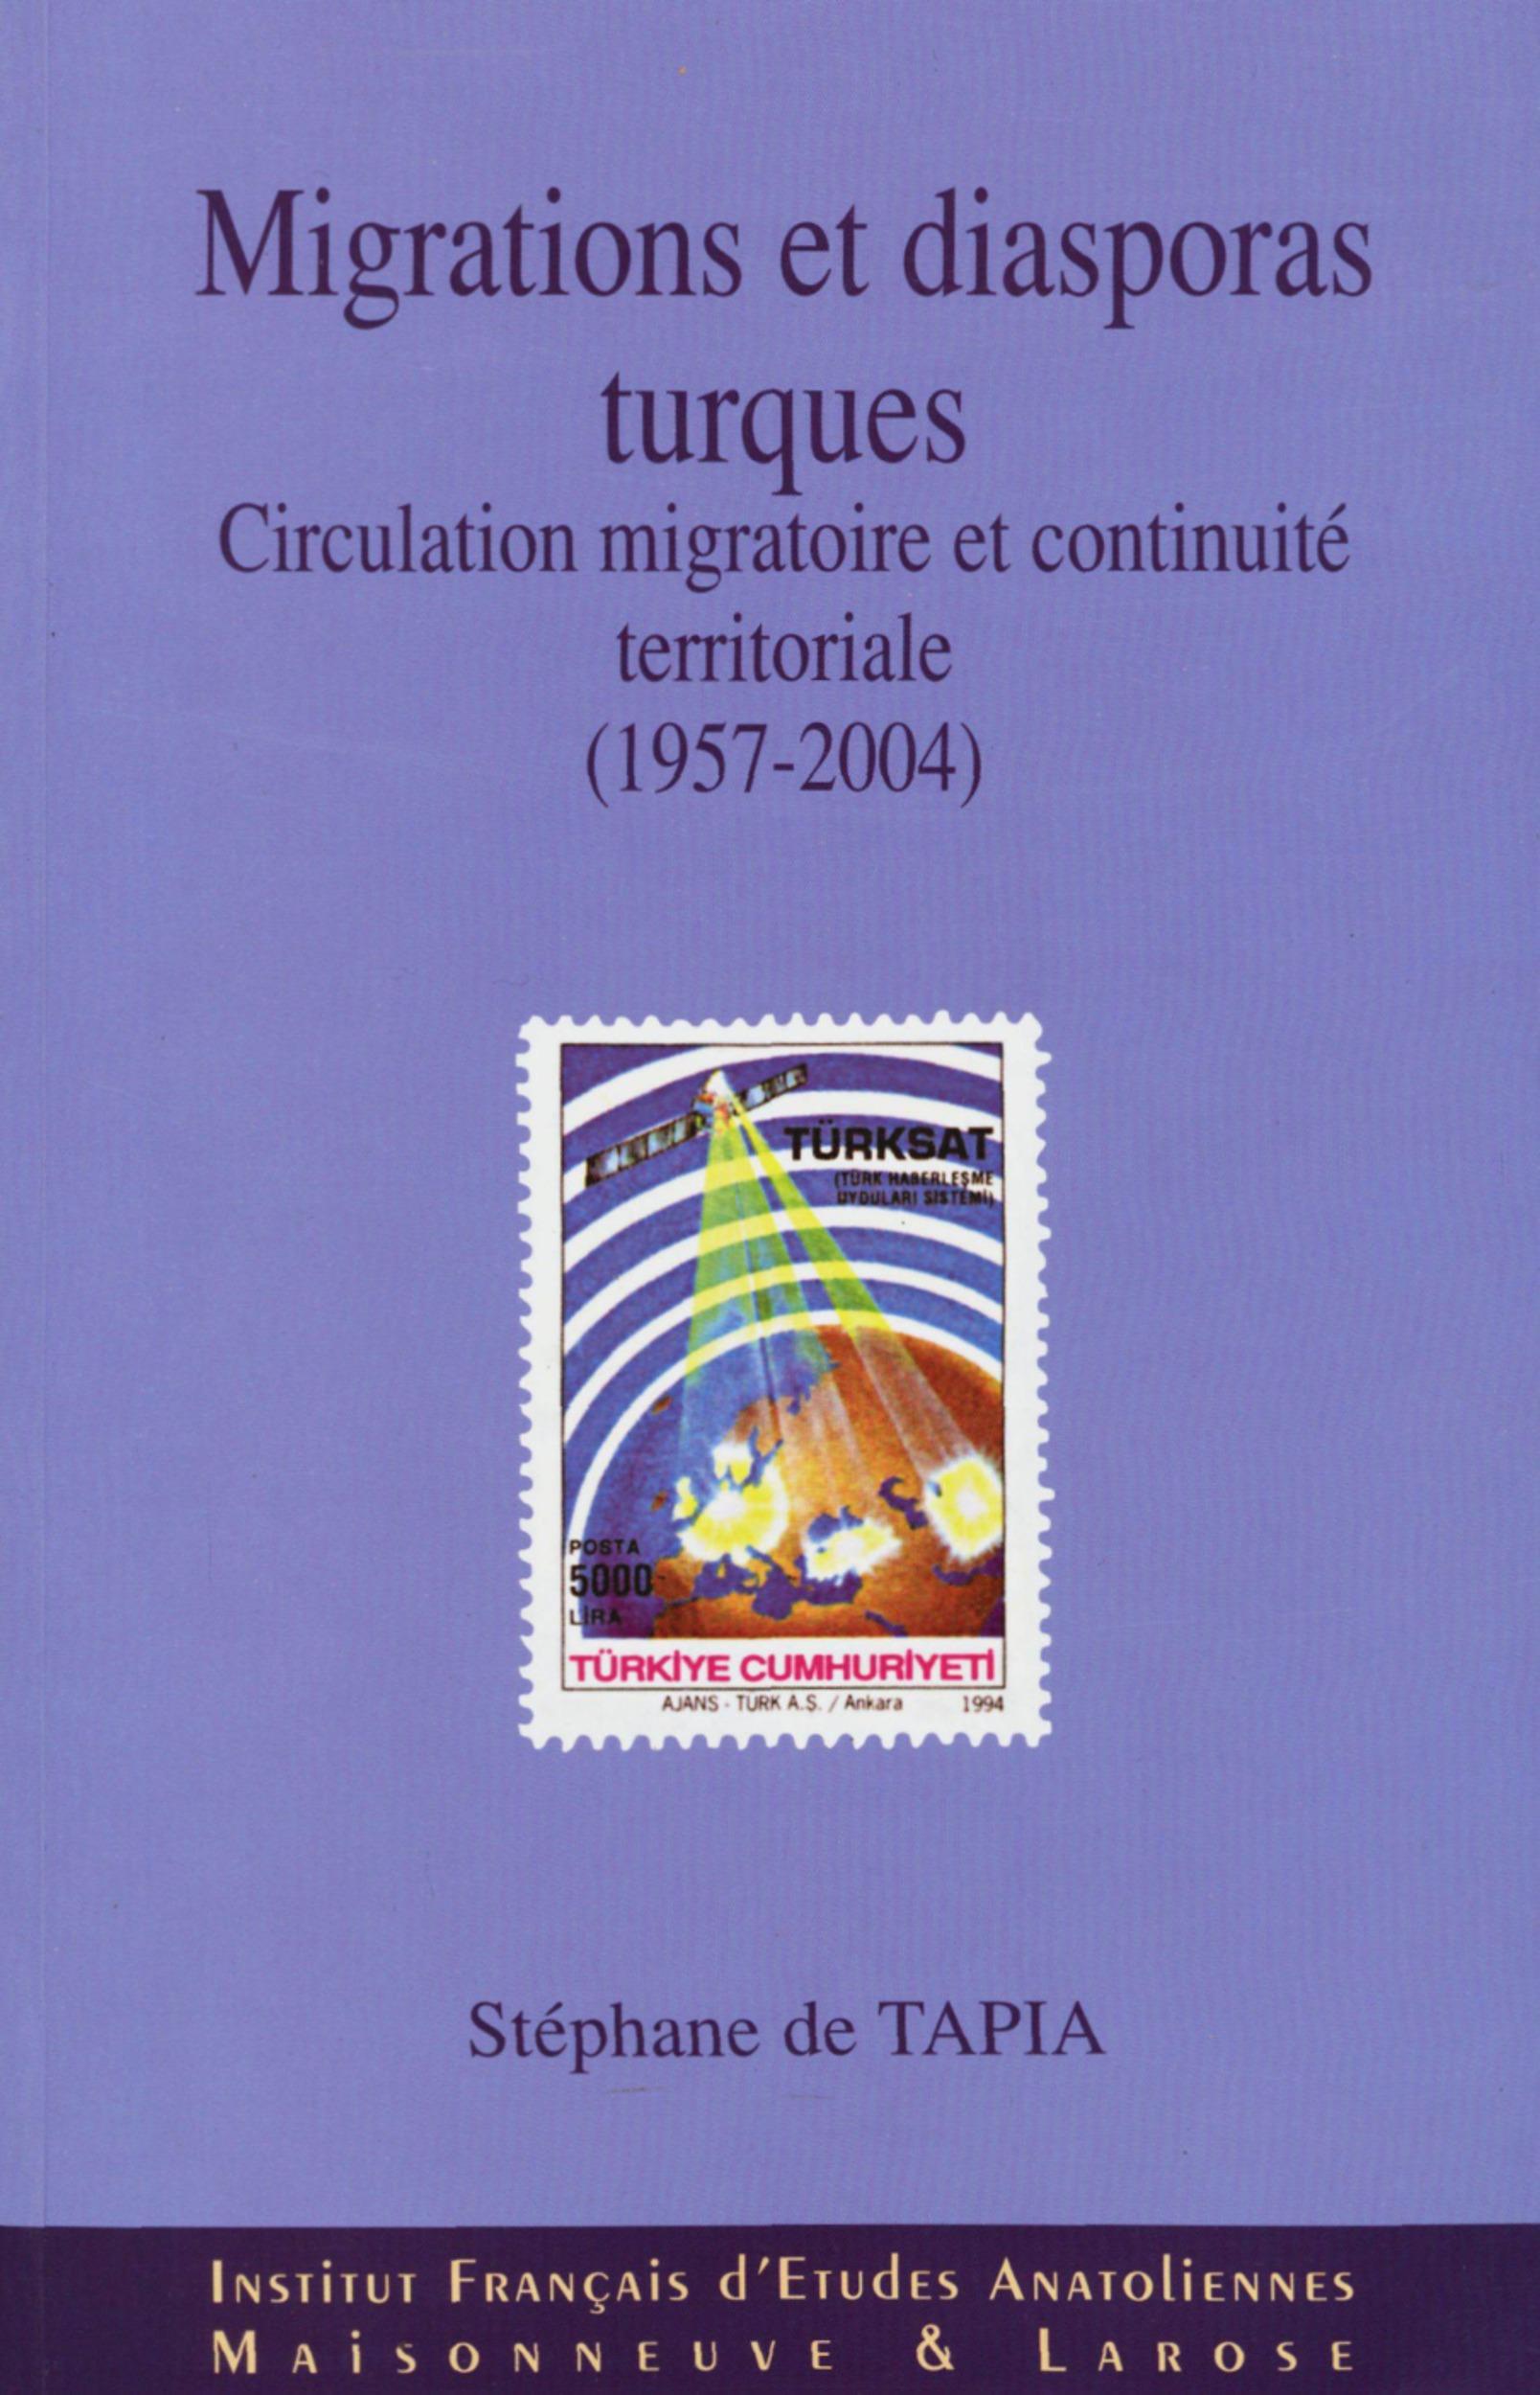 Migrations et diasporas turques ; circulation migratoire et continuité territoriale, 1957-2004